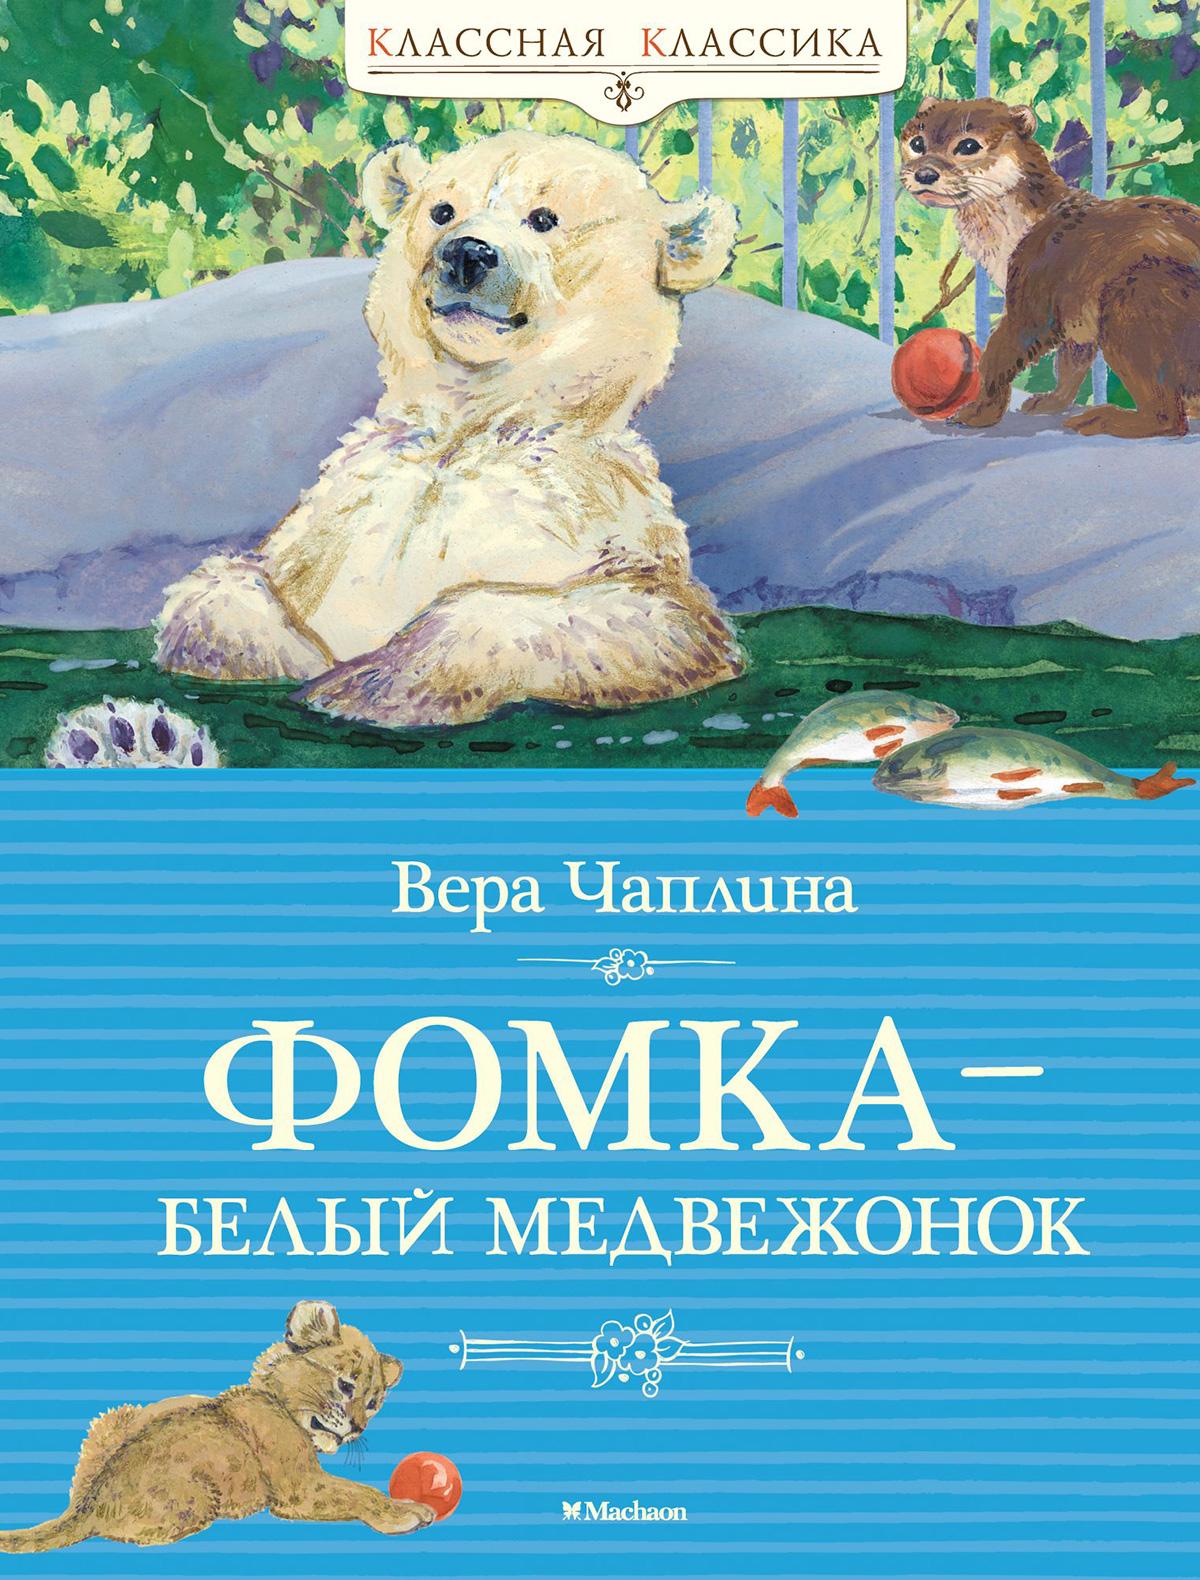 Купить 2049347, Книга ИГ Азбука-Аттикус, 9002529980291